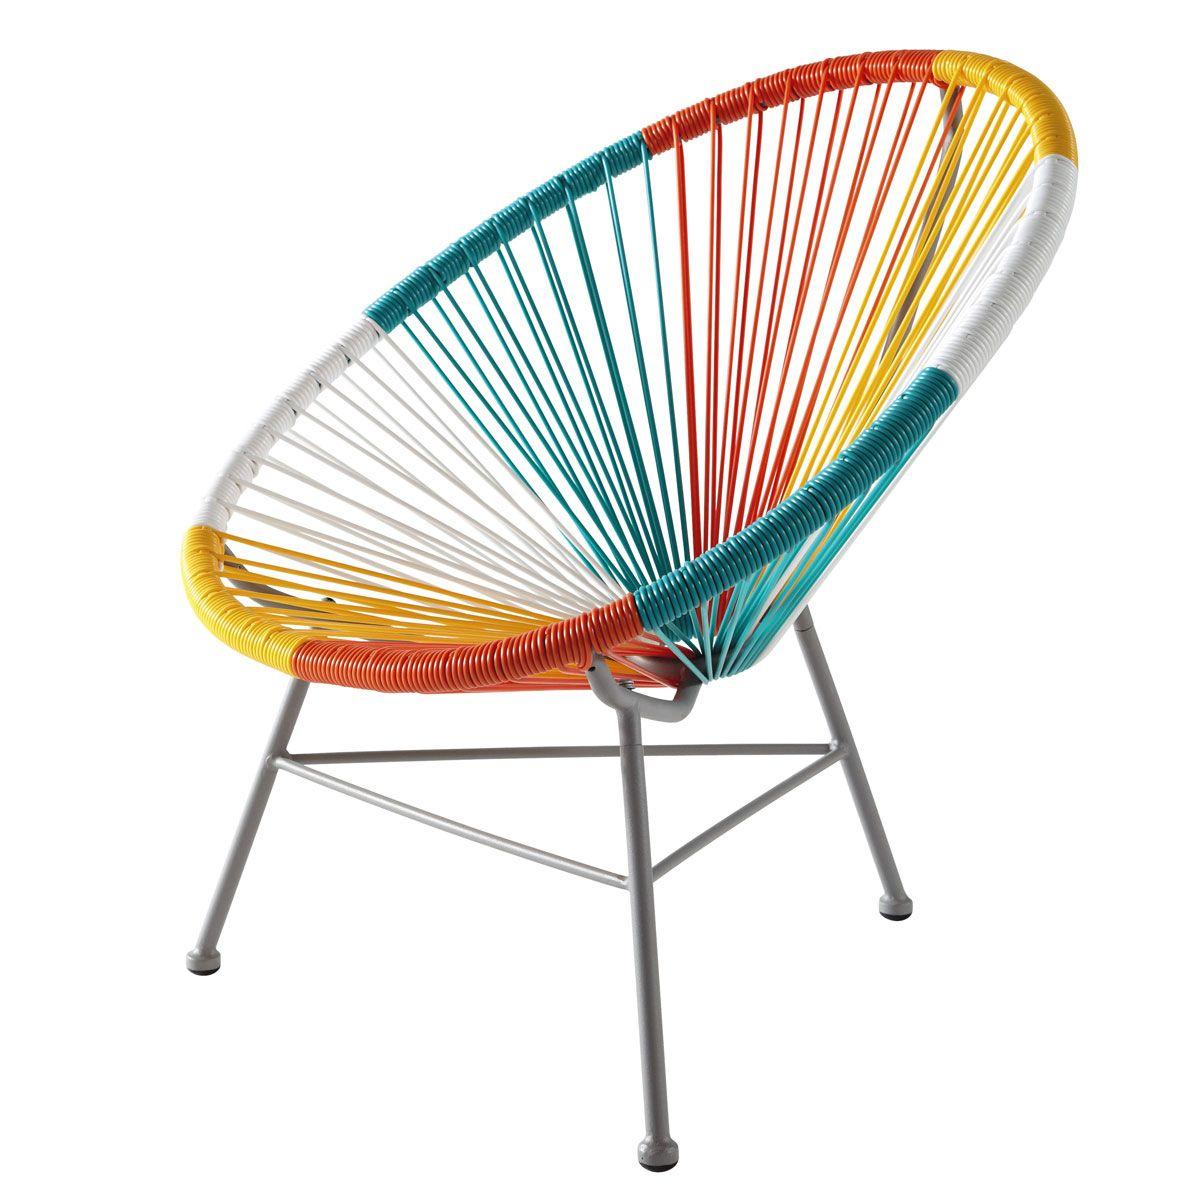 fauteuil enfant multicolore copacabana maisons du monde. Black Bedroom Furniture Sets. Home Design Ideas